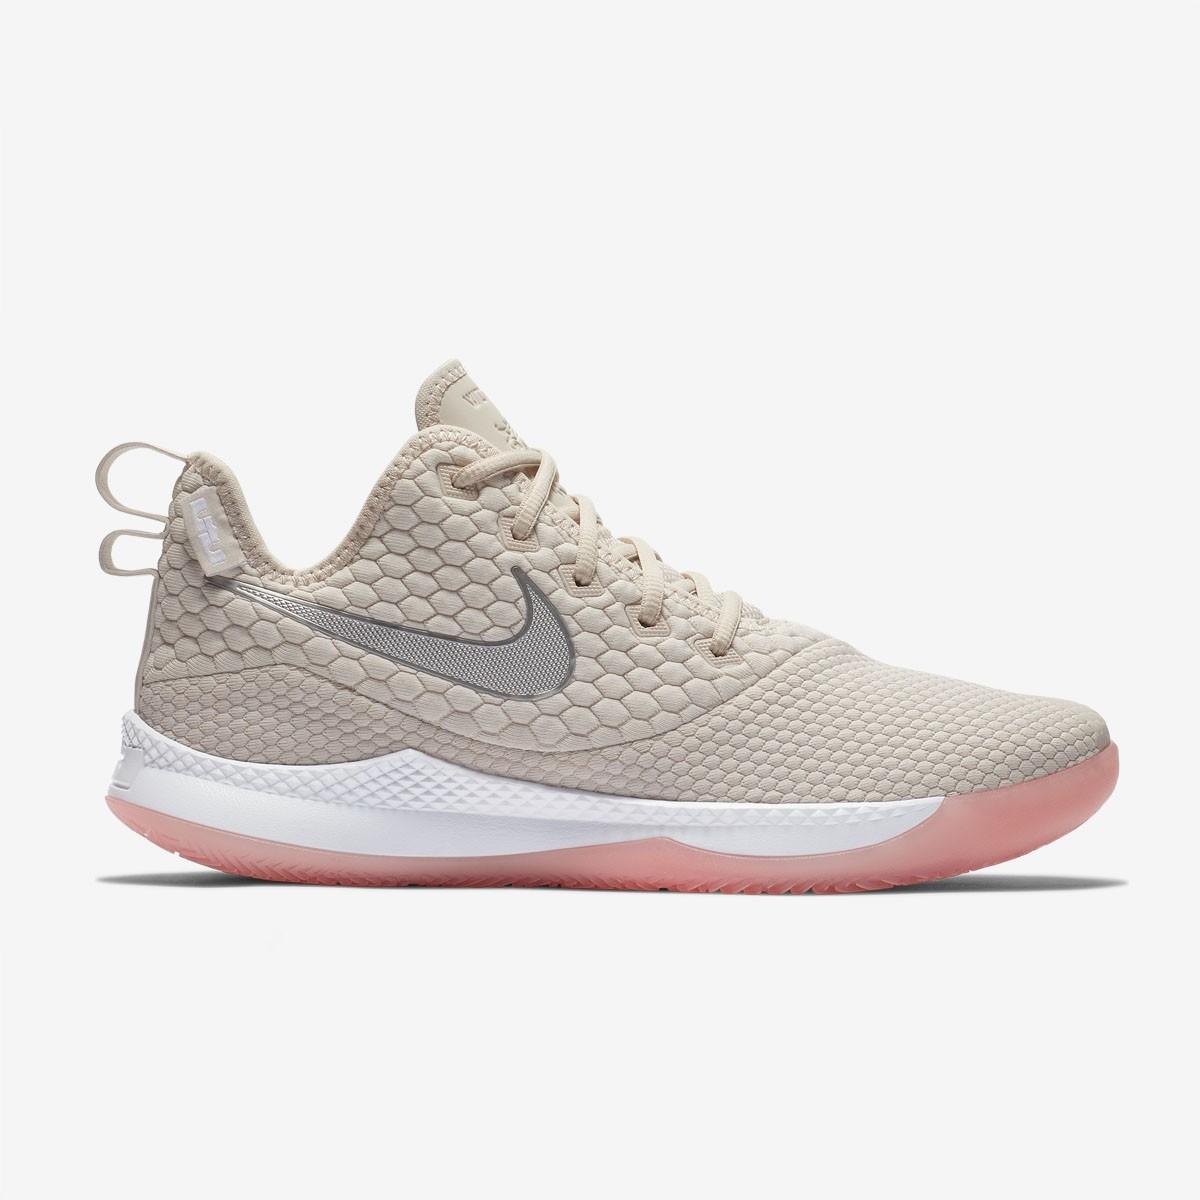 big sale c134d 05619 Nike Lebron Witness III GS  Vanilla